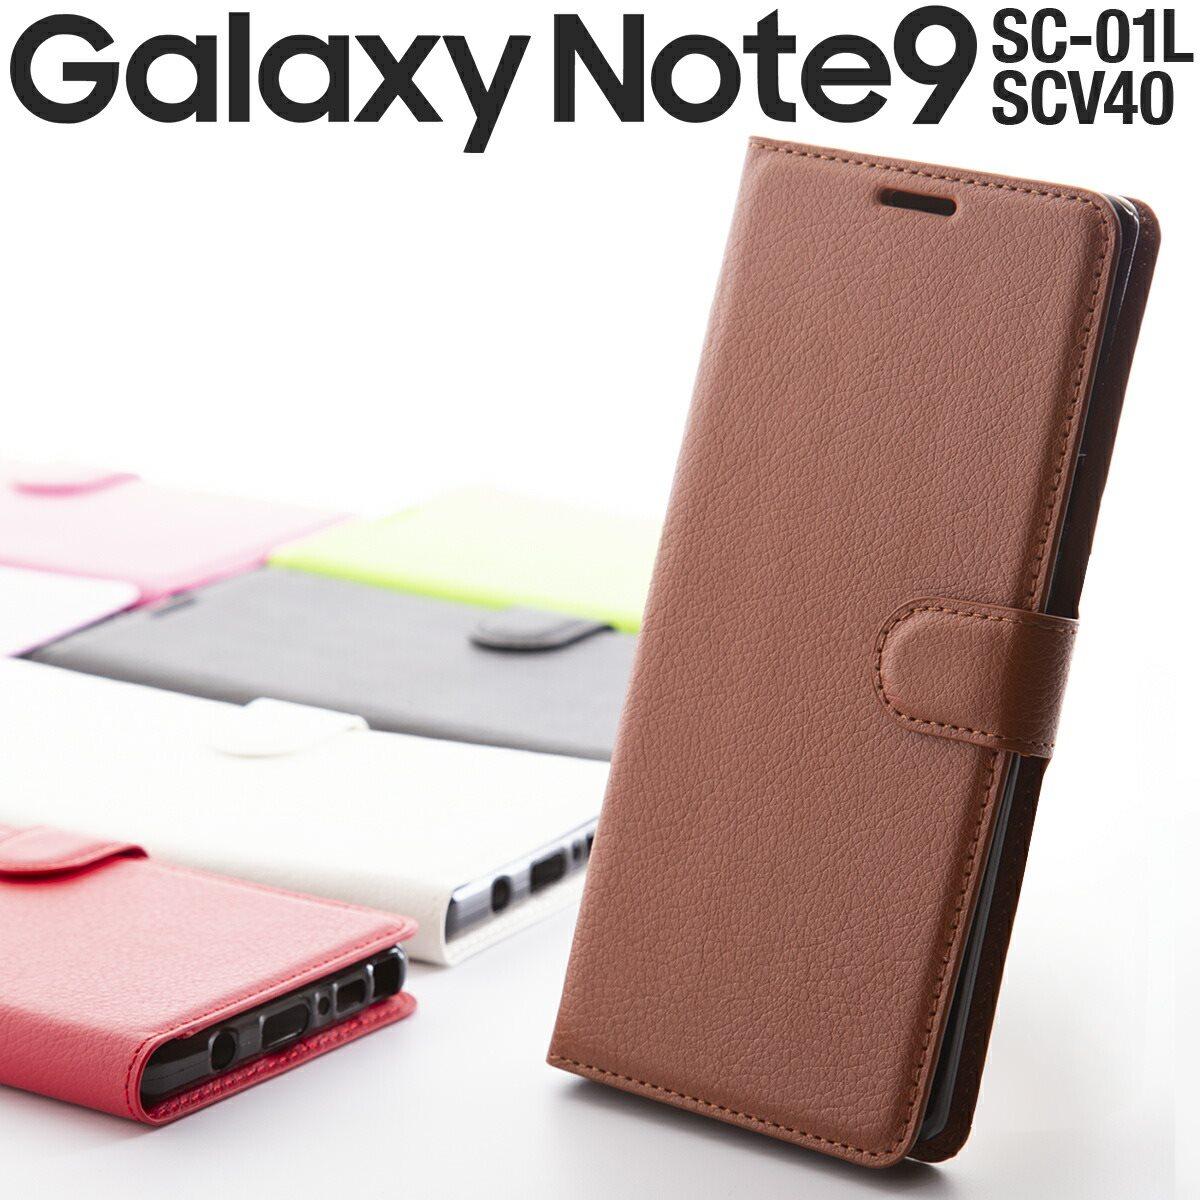 產品詳細資料,日本Yahoo代標|日本代購|日本批發-ibuy99|Galaxy Note9 ケース SC-01L SCV40 レザー手帳型ケース ギャラクシー ノー…